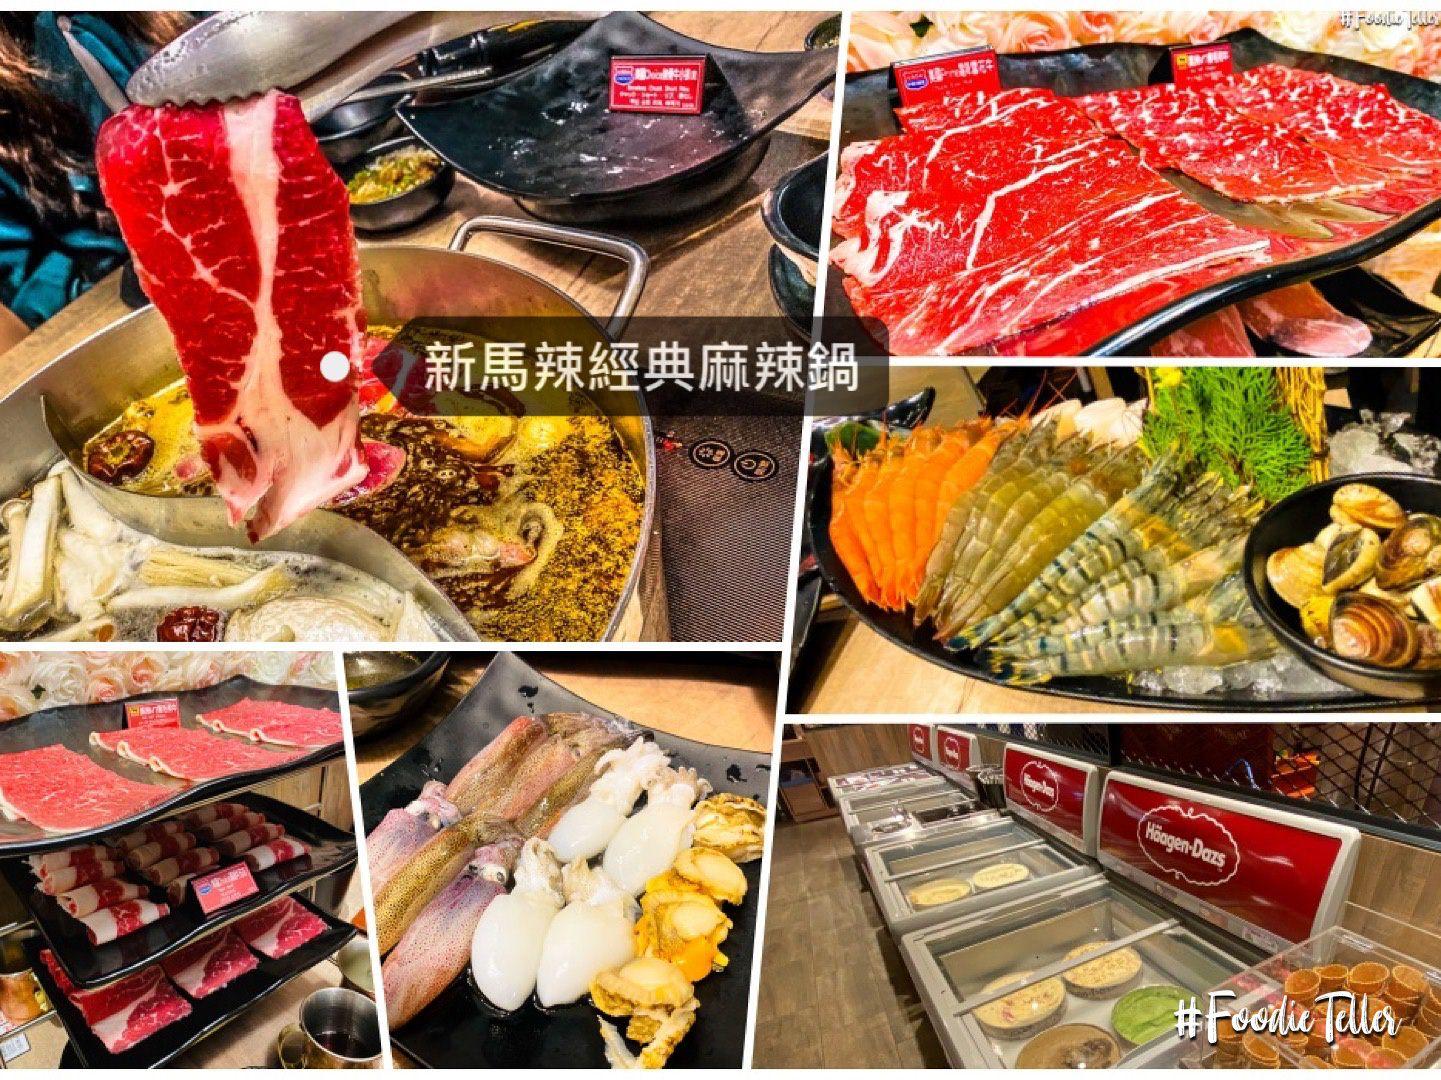 台南新馬辣經典火鍋吃到飽|新馬辣菜單訂位價格澎湃海鮮黑毛和牛啤酒喝到飽!